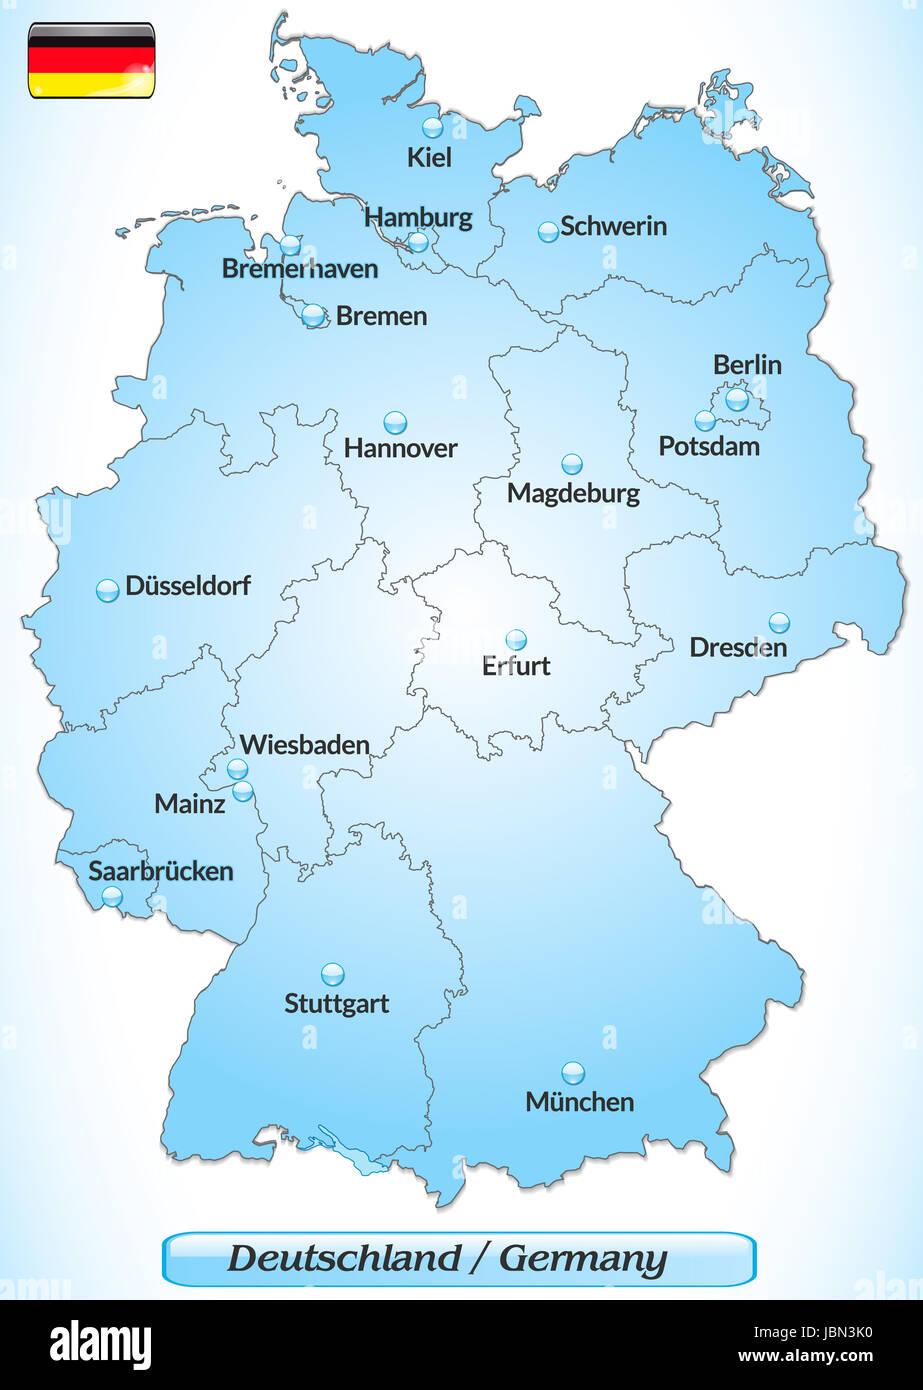 Deutschlandsim Karte